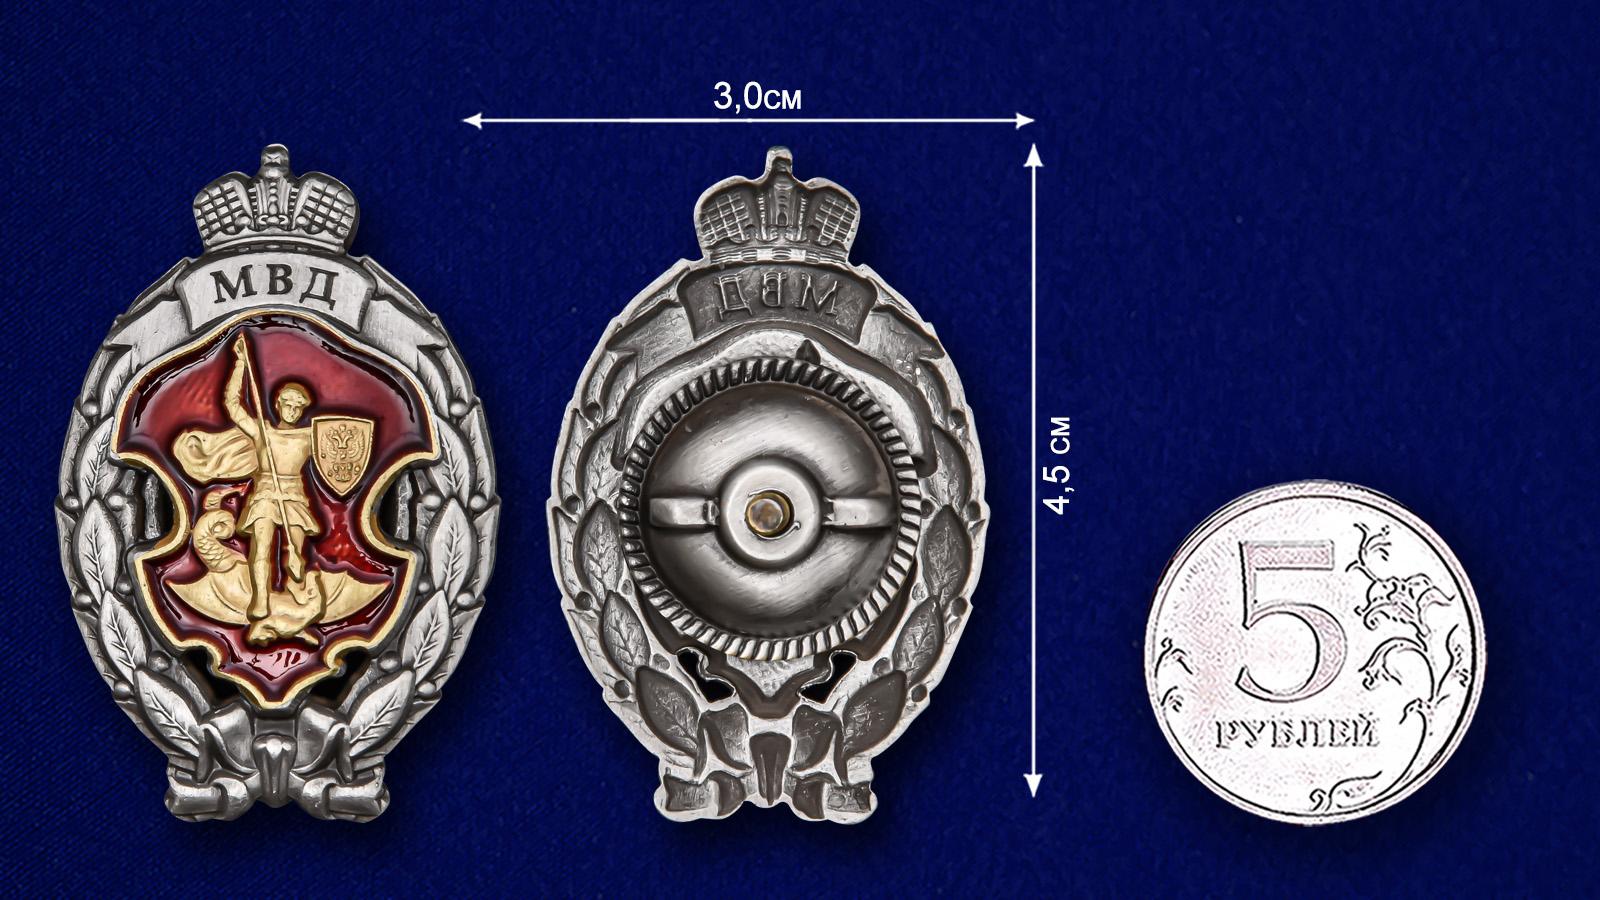 Нагрудный знак Лучший сотрудник специальных подразделений полиции - сравнительный размер